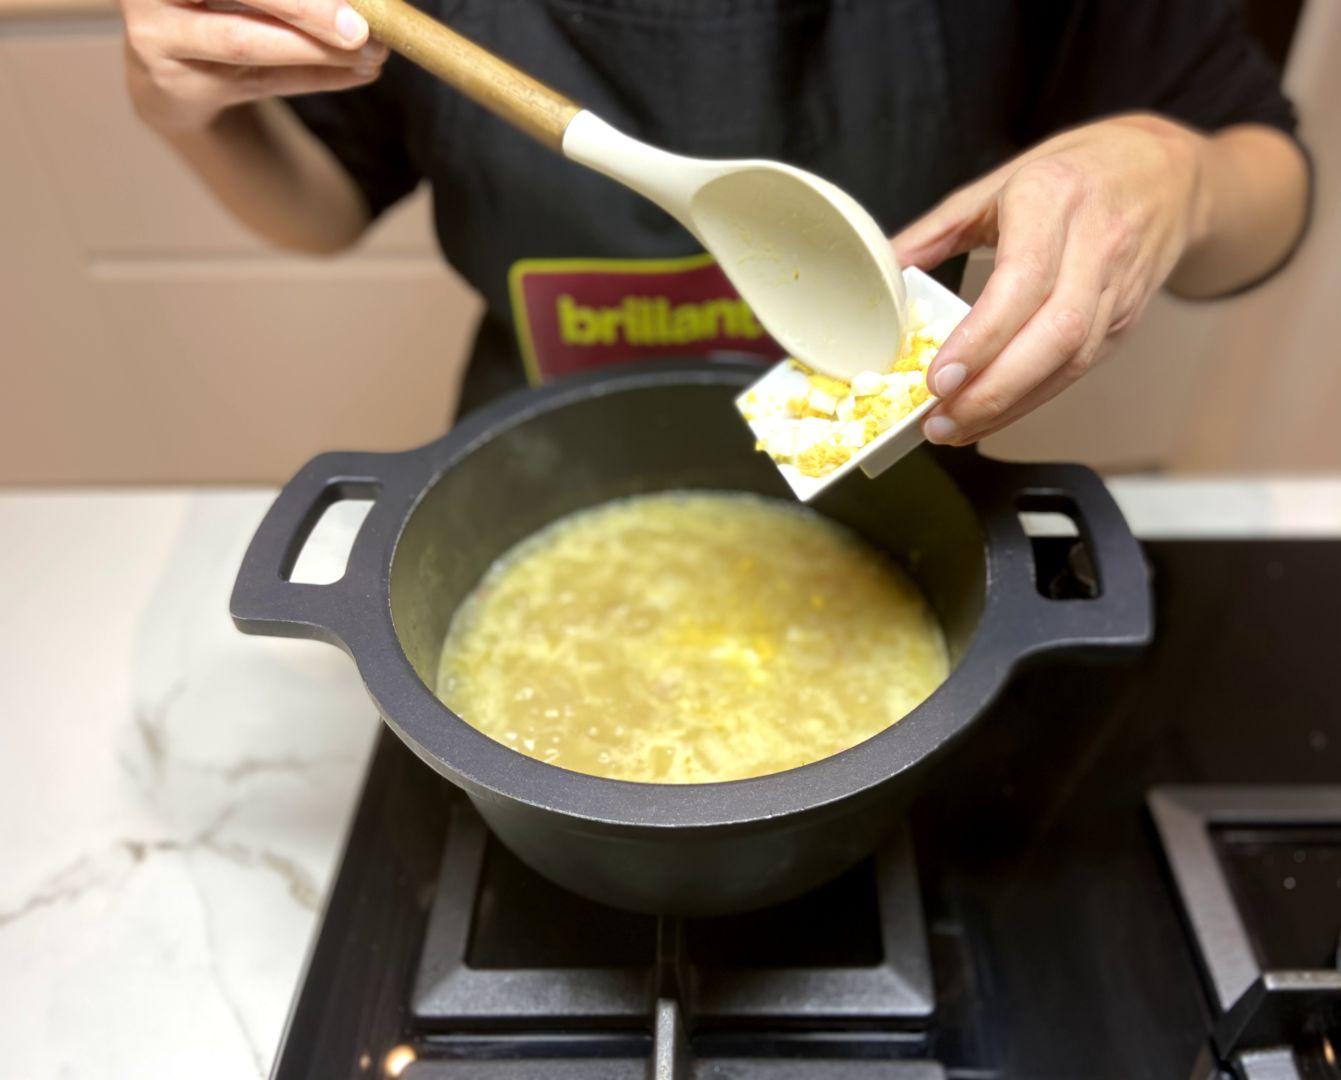 agregamos el huevo picado